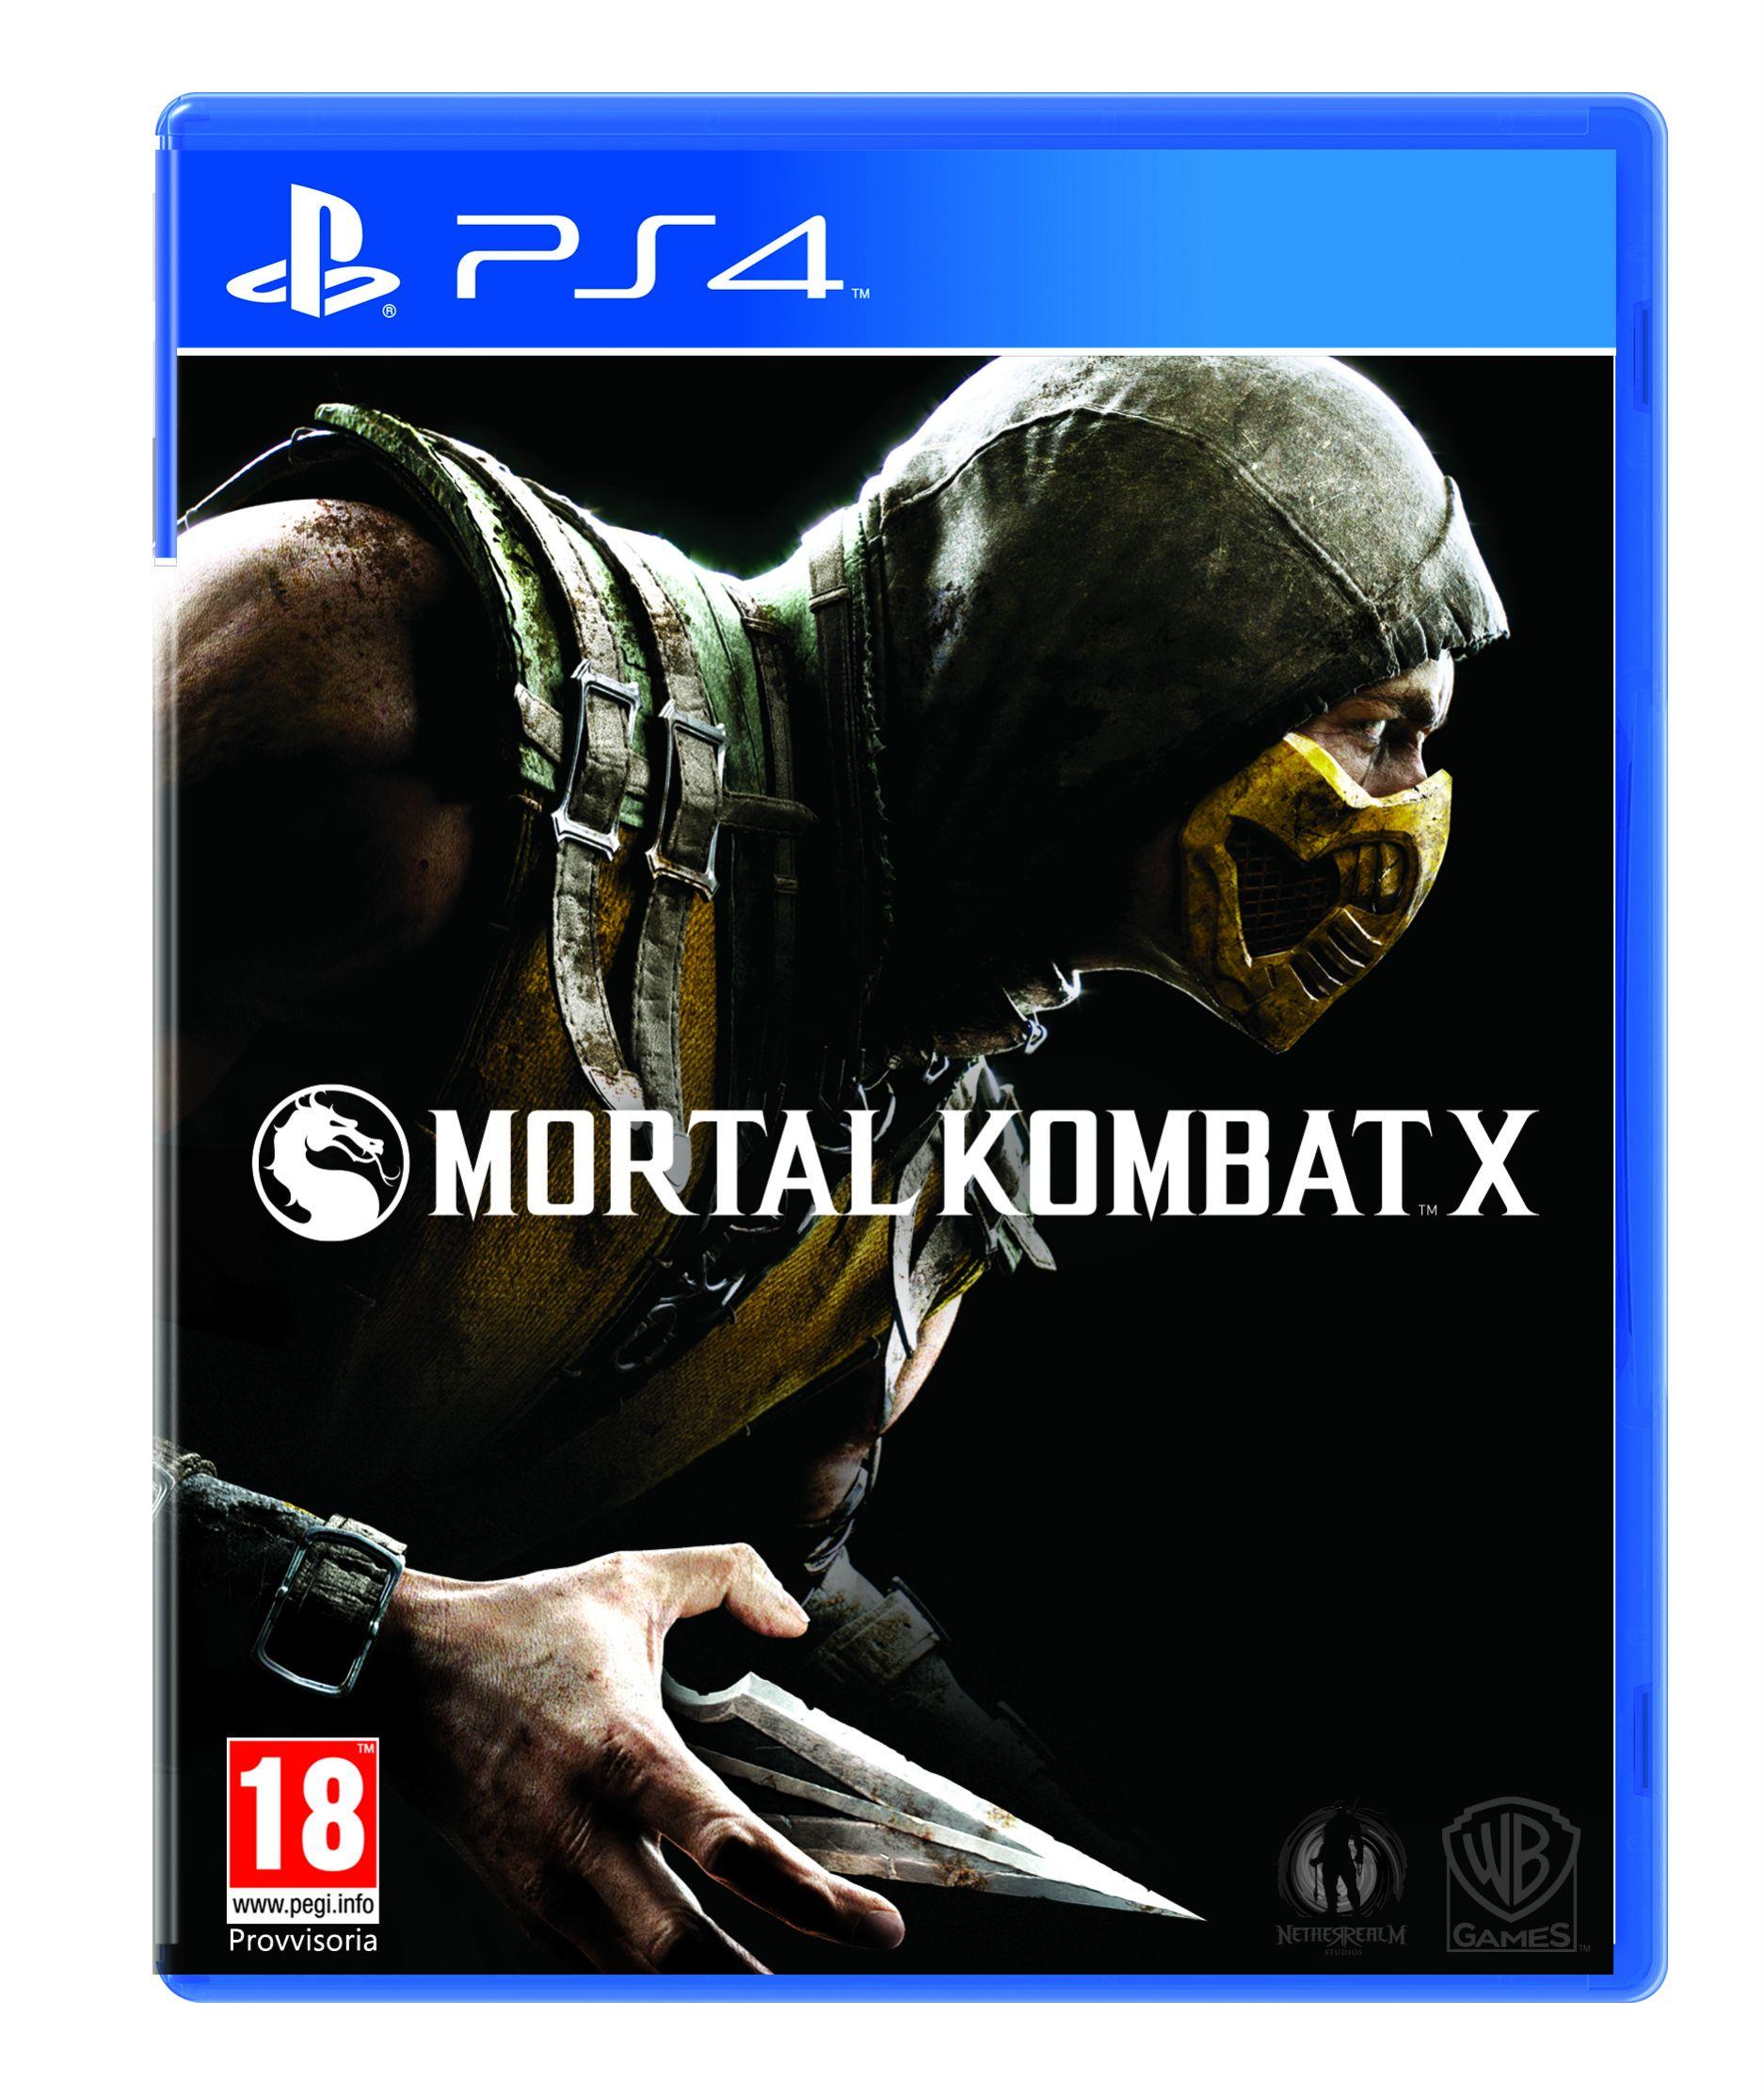 Mortal Kombat X: Первые подробности из официального пресс-релиза, арты и бокс-арт - Изображение 3